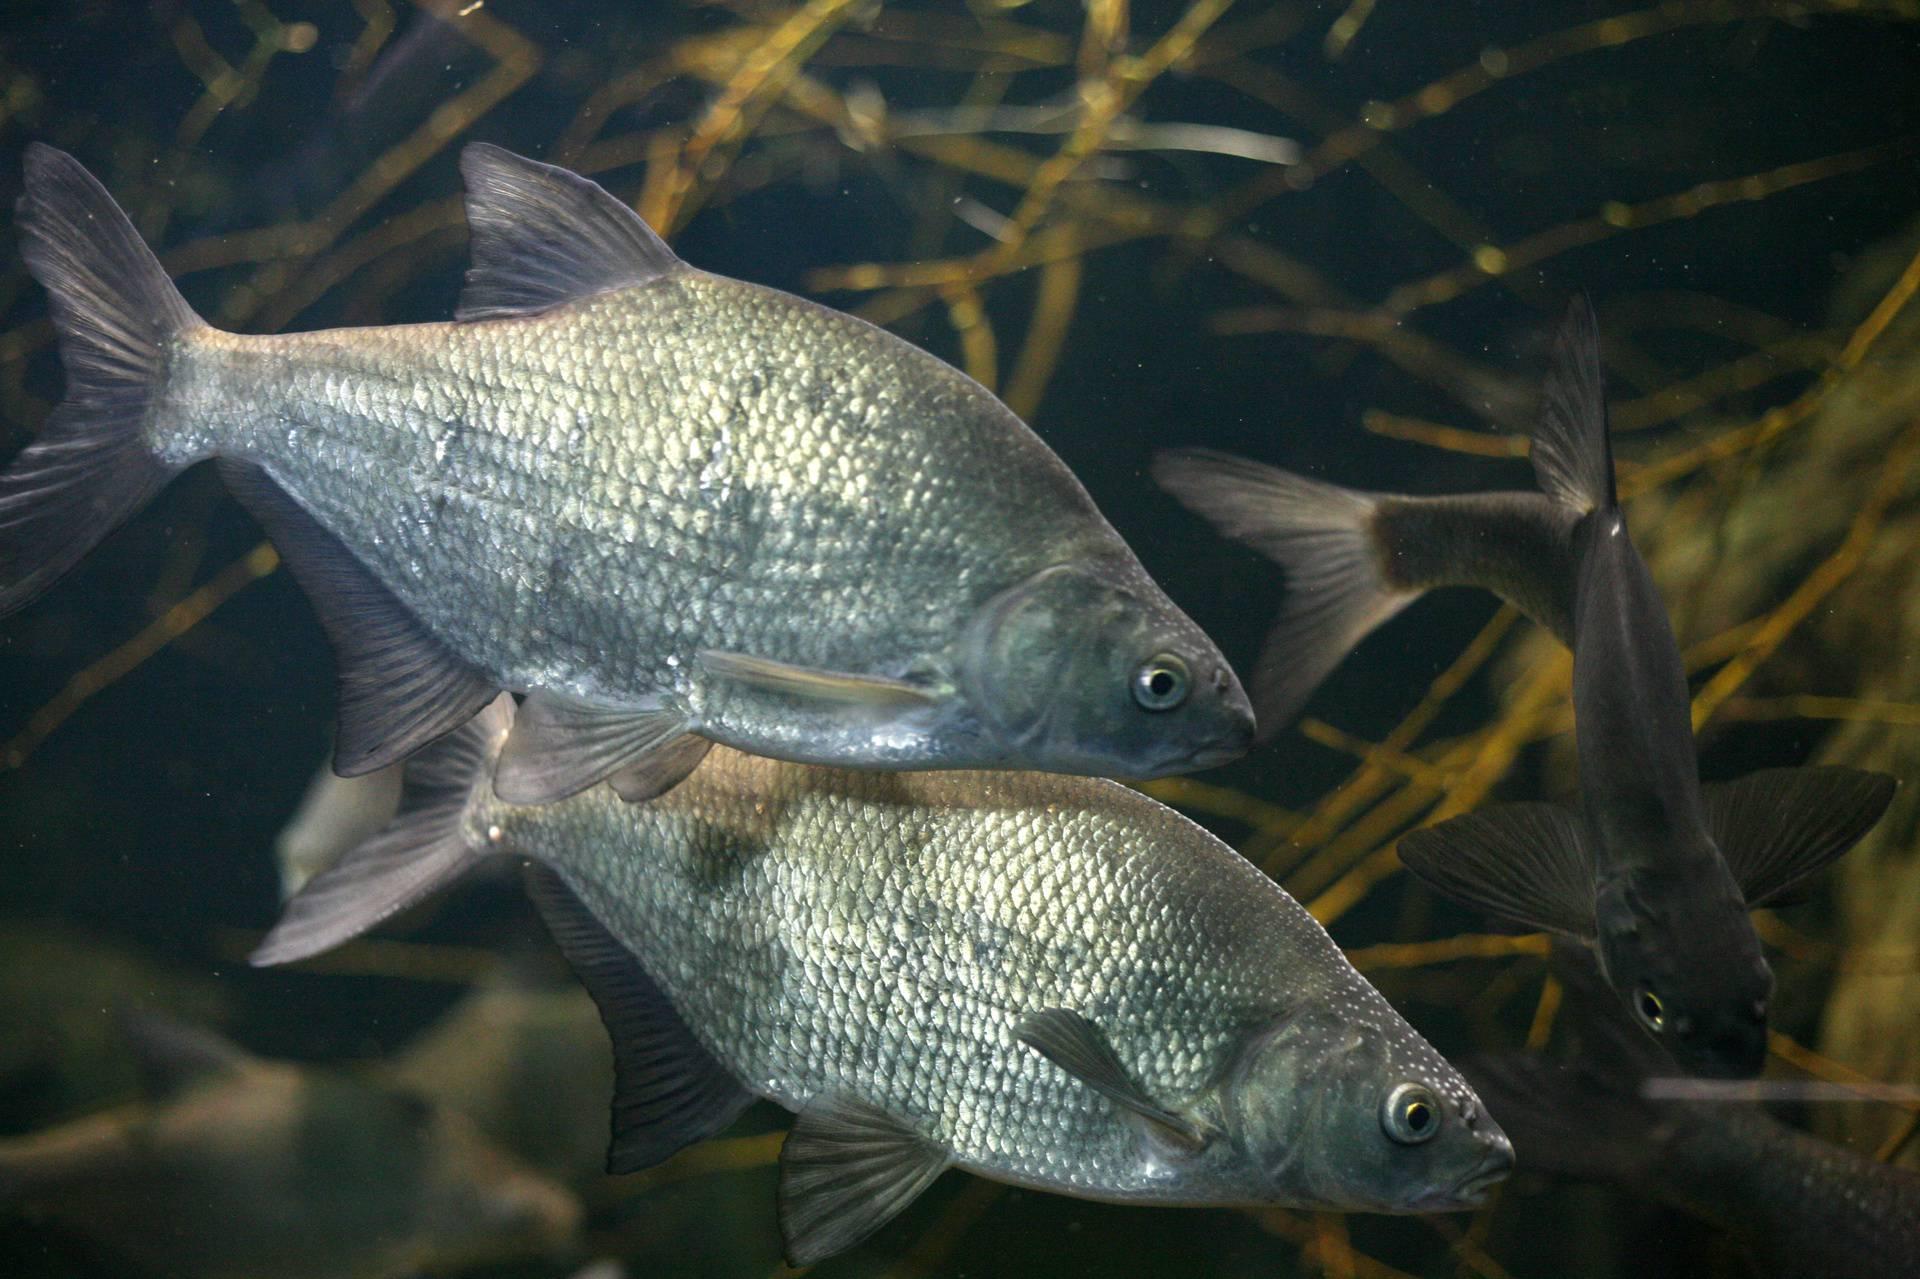 Zatopljavanje prijeti stotinama ribljih vrsta o kojima ovisi svijet